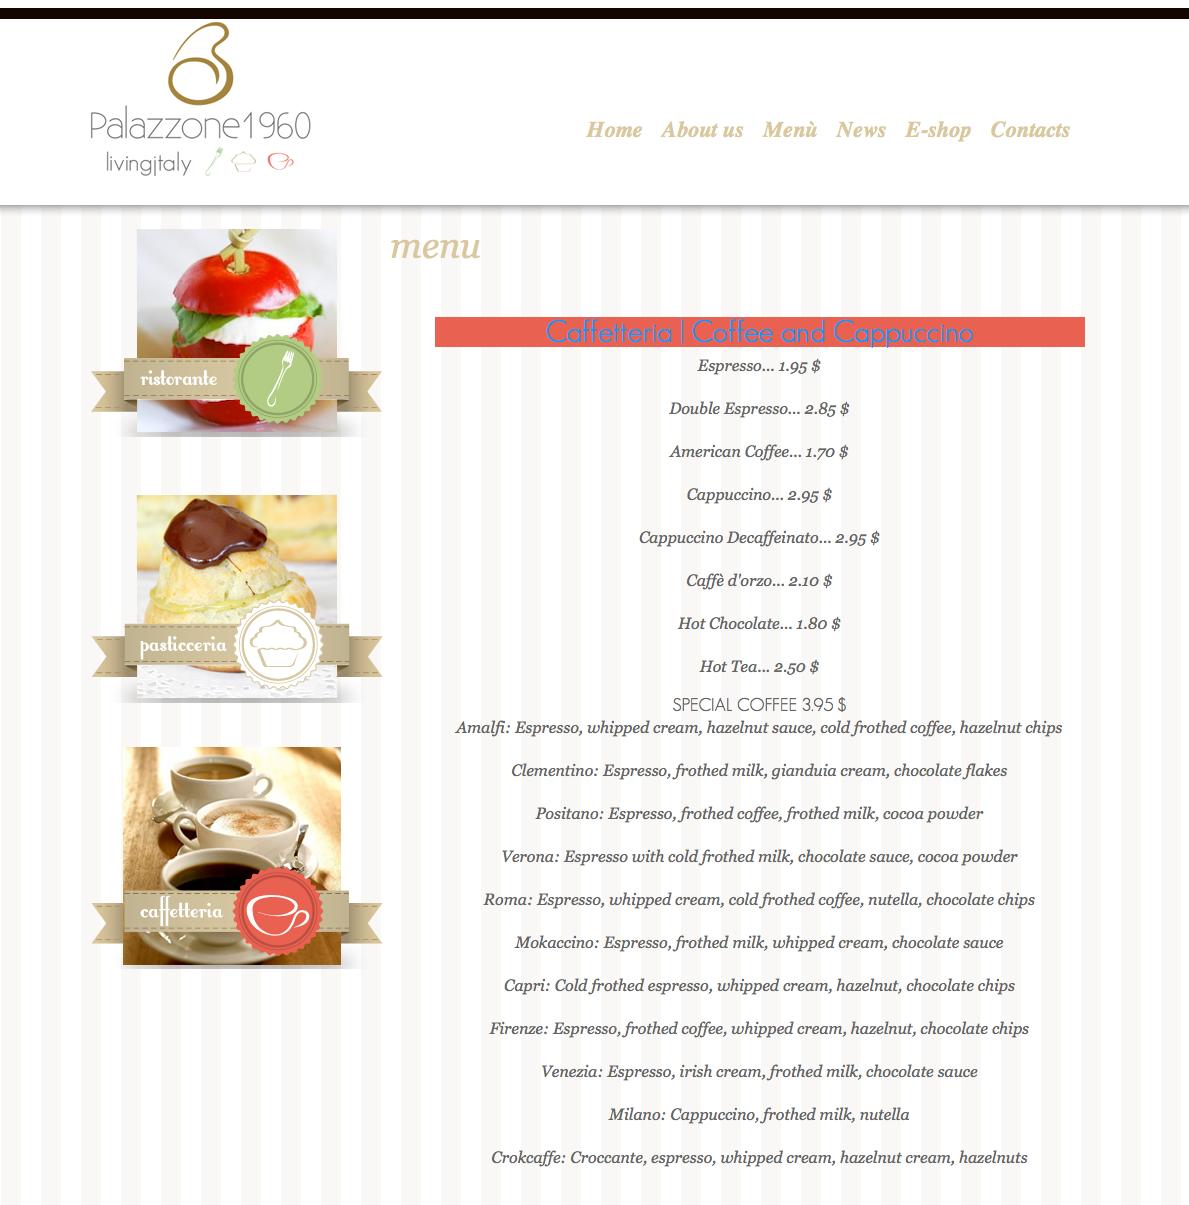 palazzone web page_1